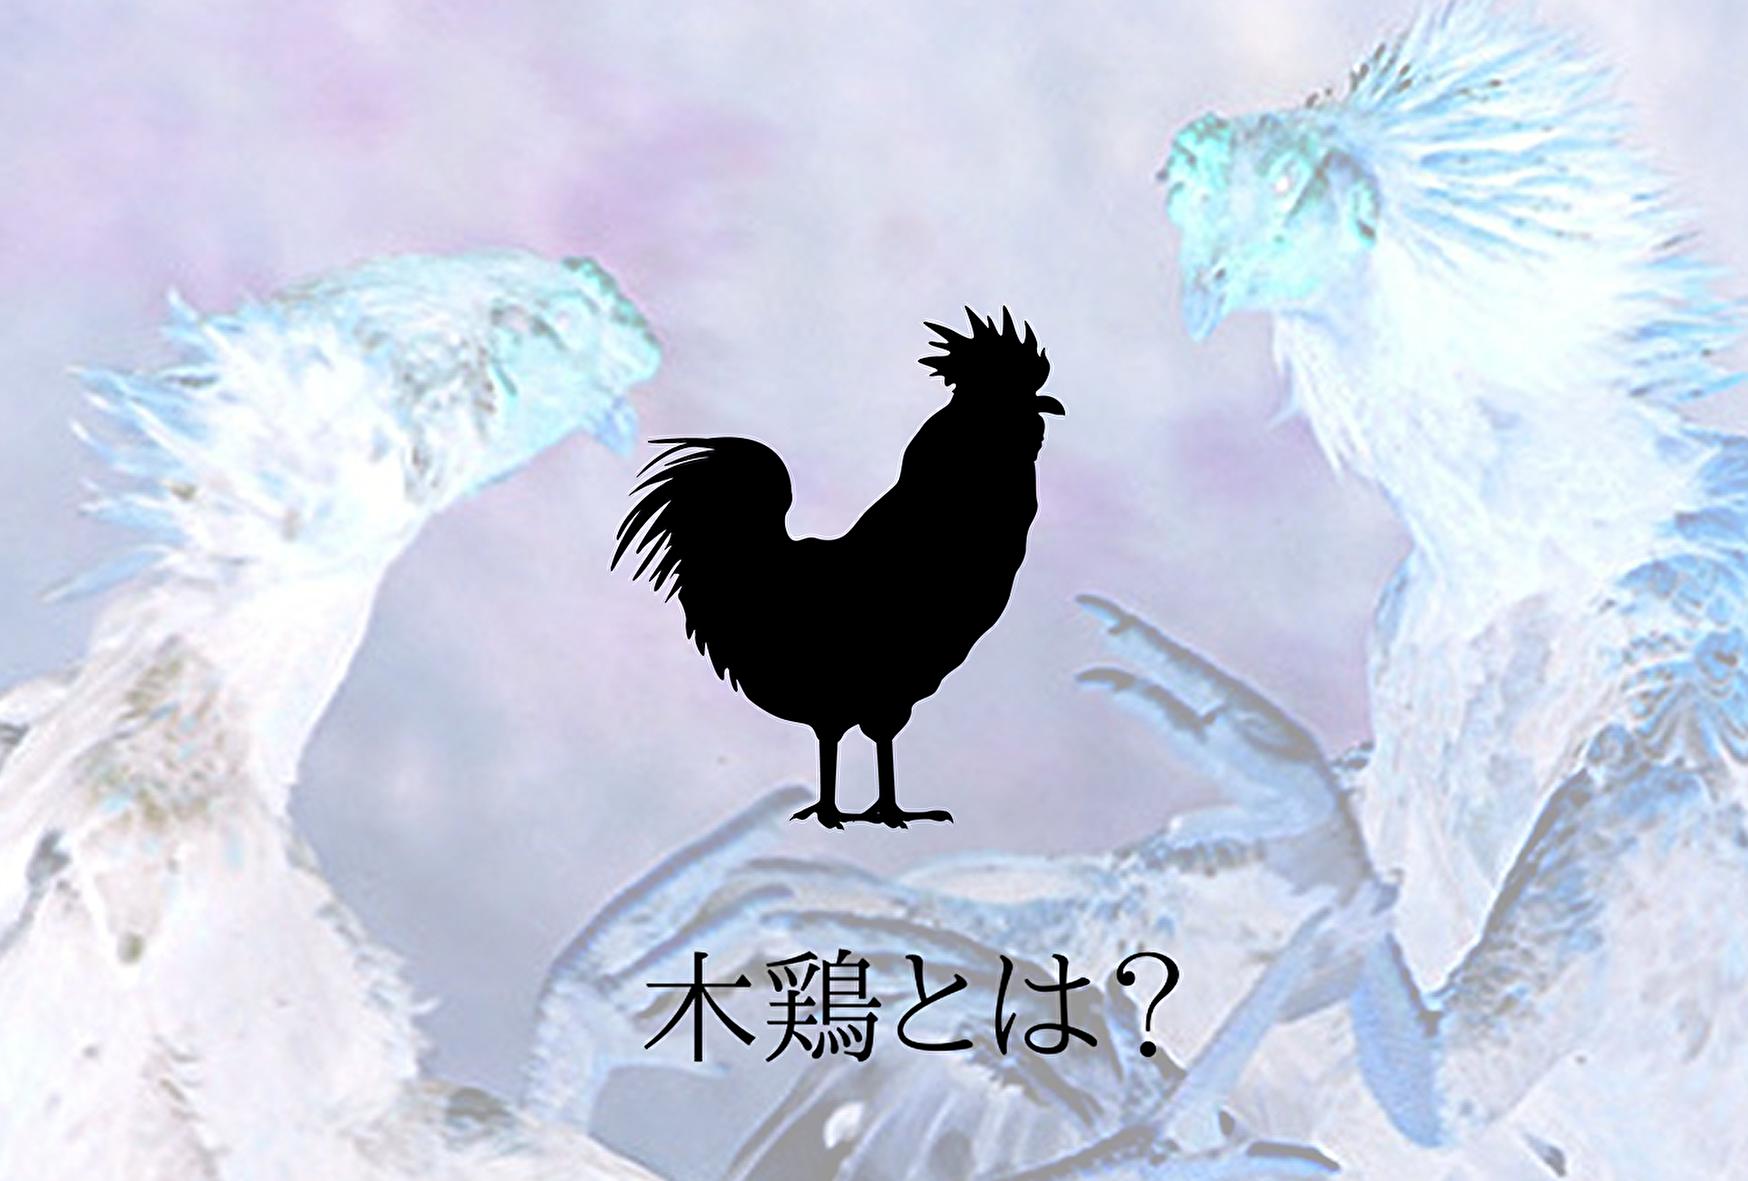 木鶏(もっけい)とは?武道に通じる荘子の教え